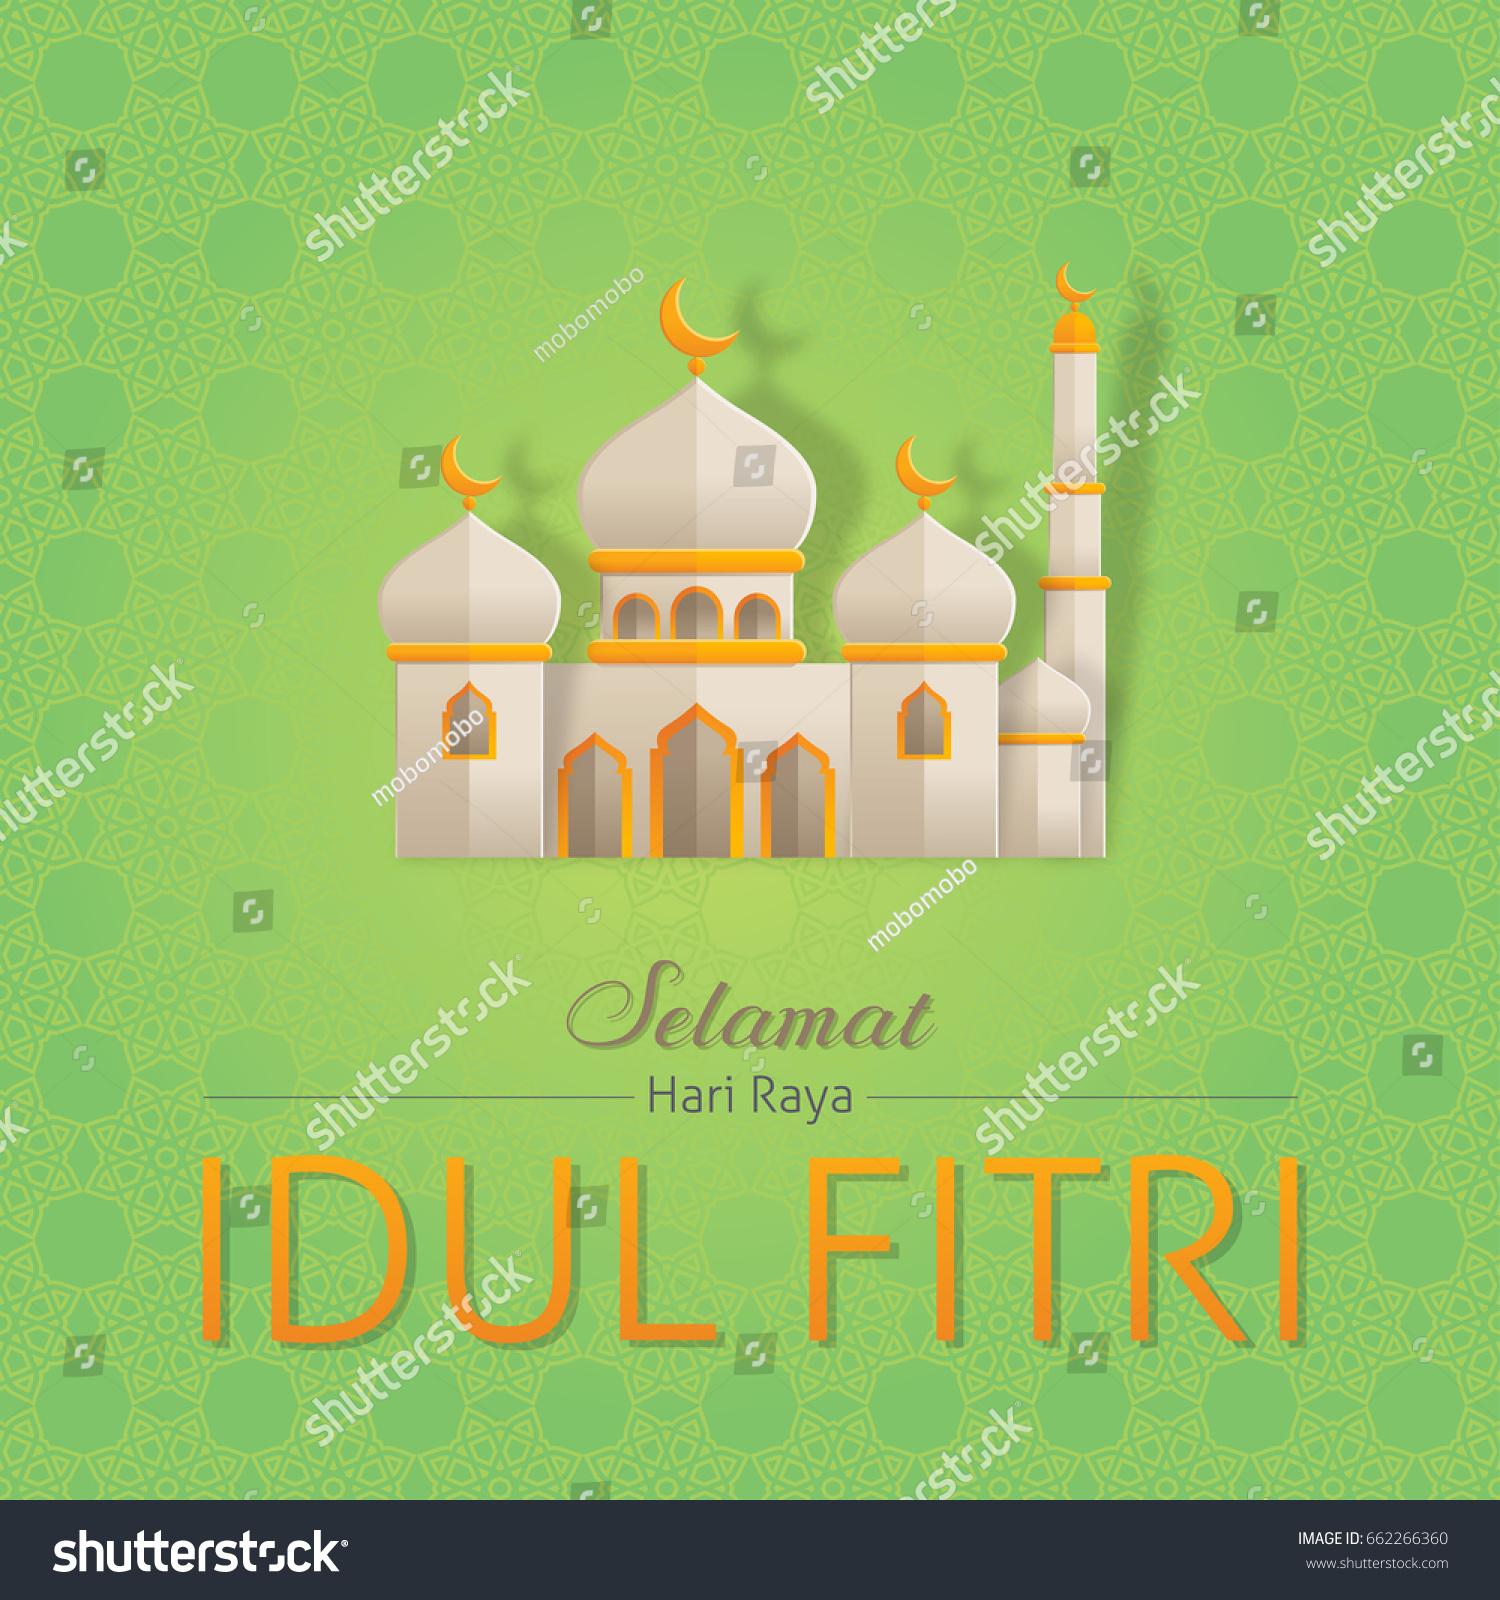 Selamat Hari Raya Idul Fitri Greeting Card Stock Vector Royalty